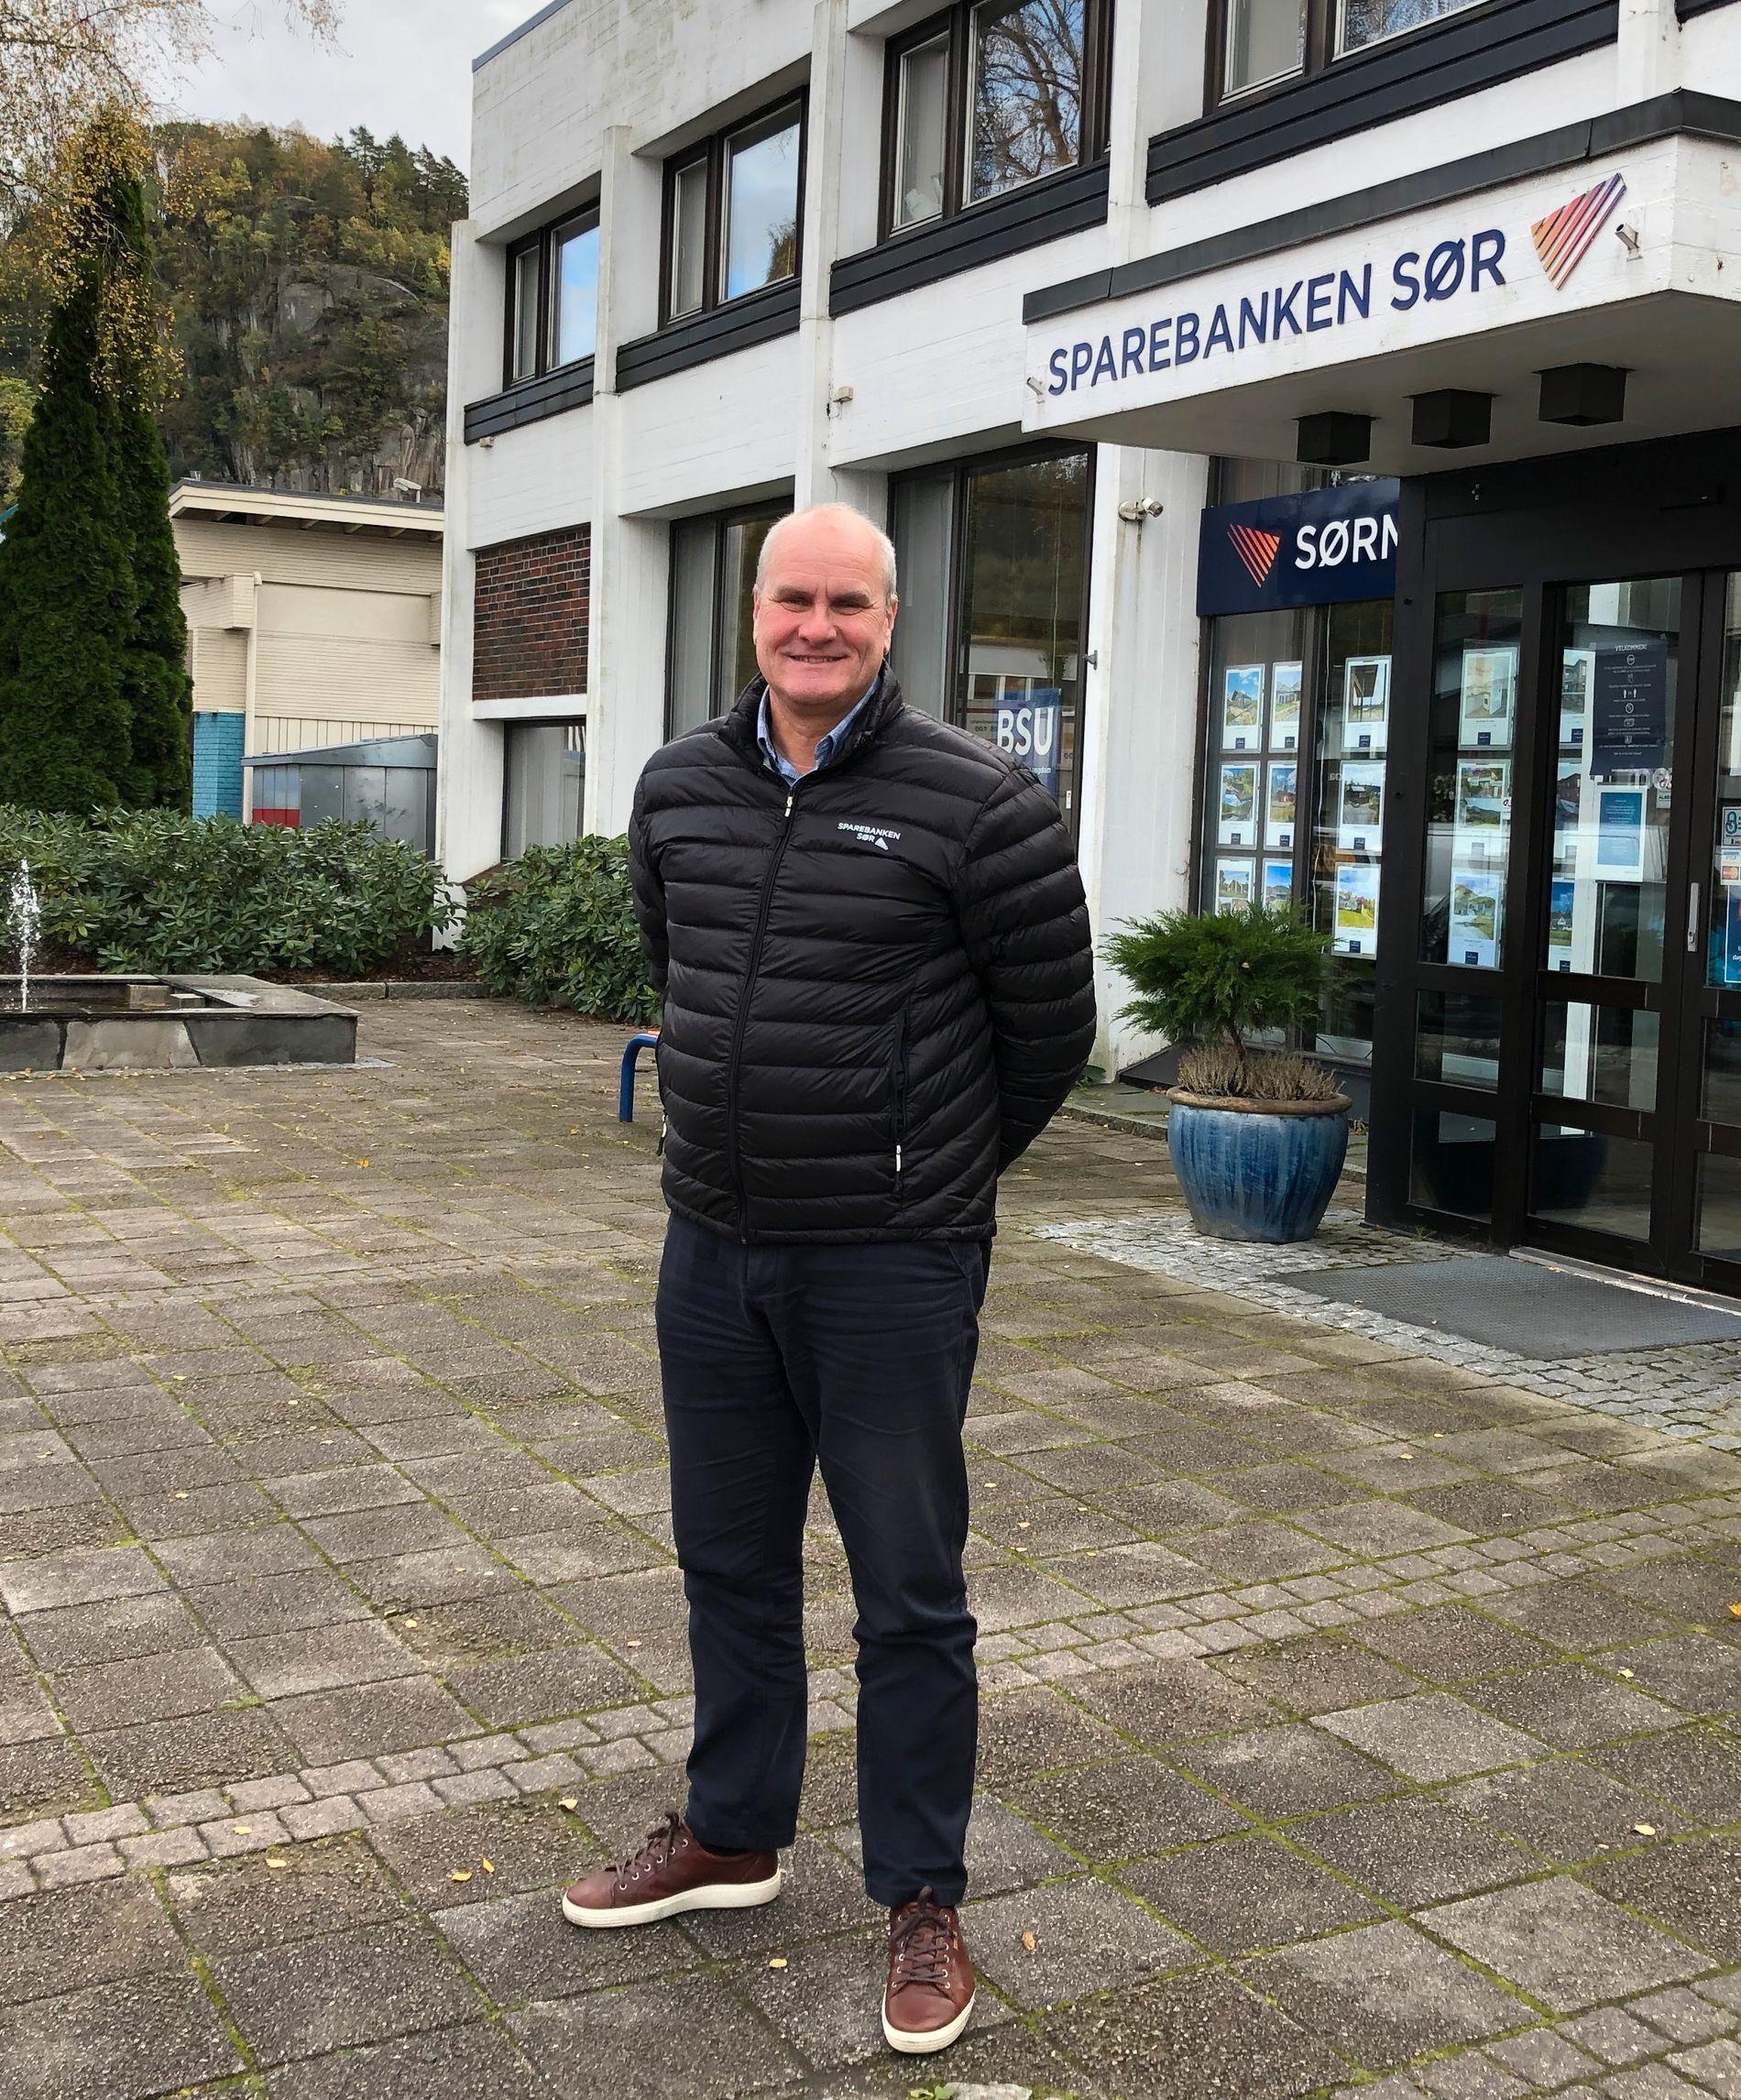 Ivar Lindal, Regional Bank Manager for Sparebanken Sør.